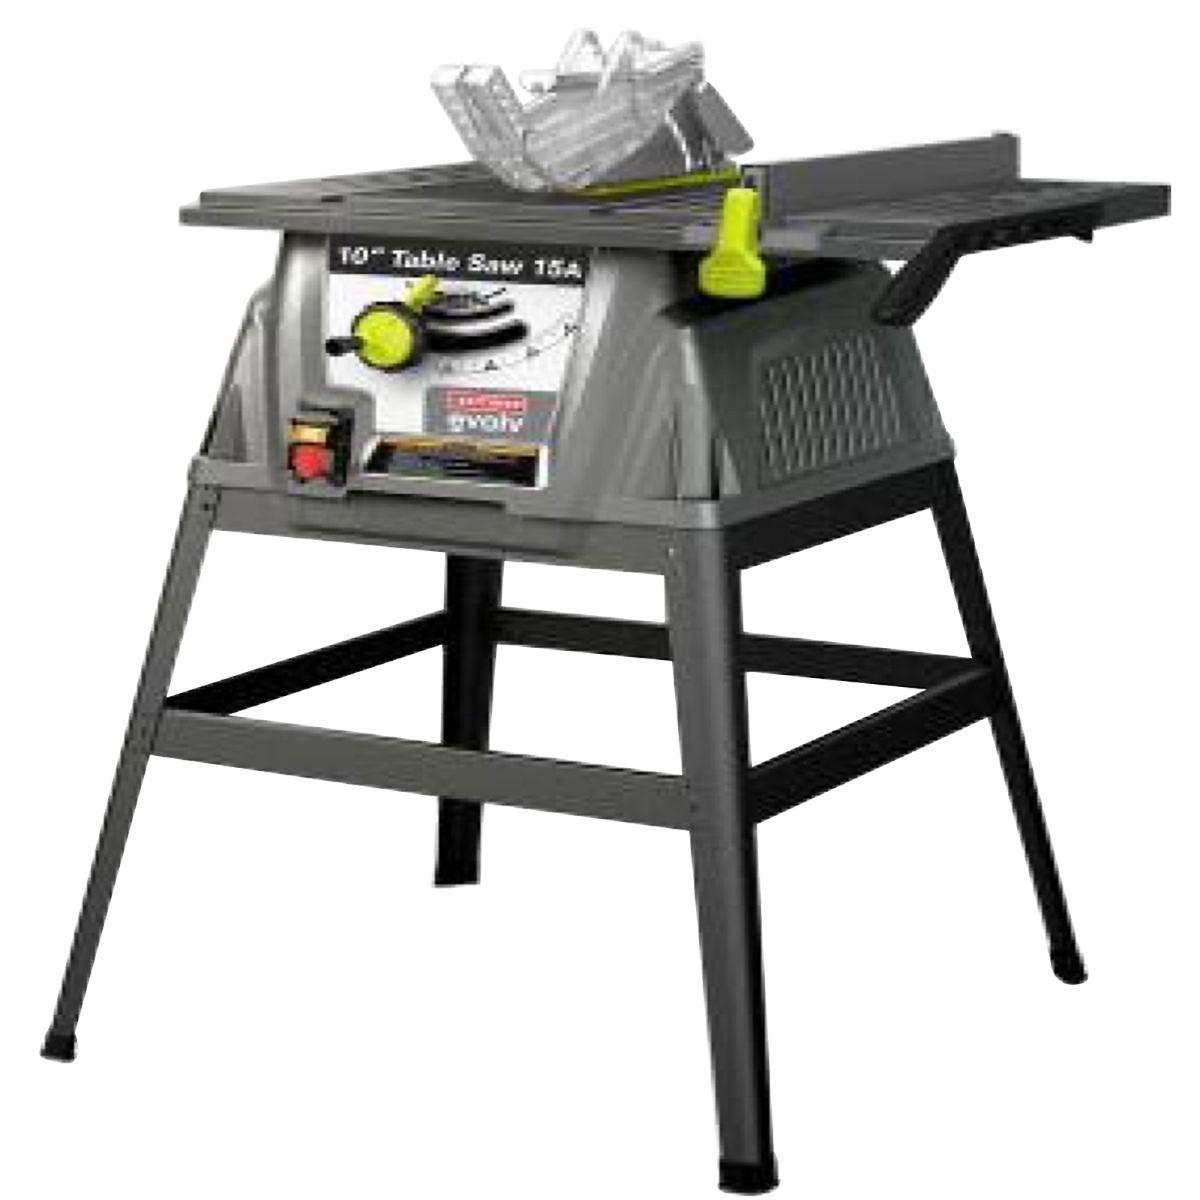 Craftsman sierra de mesa de 10 pulagas evolv envio gratis for Sierra de mesa milanuncios